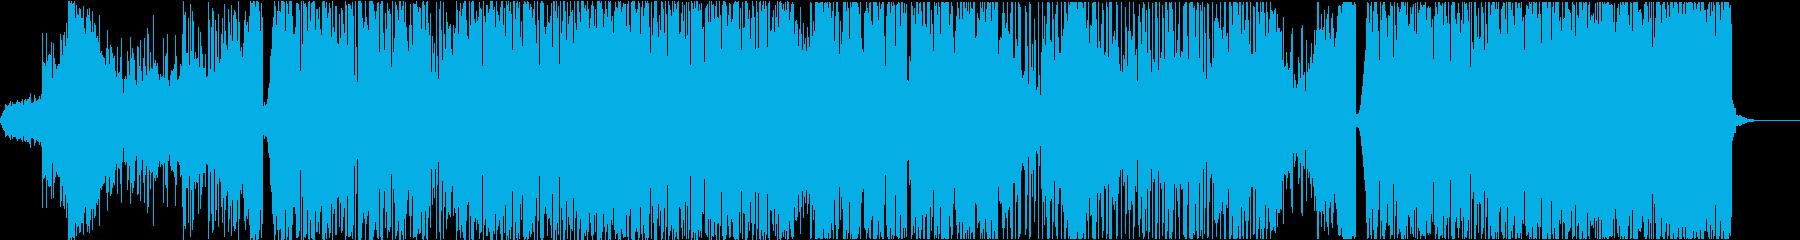 ダウンテンポ・トラップ・エレクトロの再生済みの波形